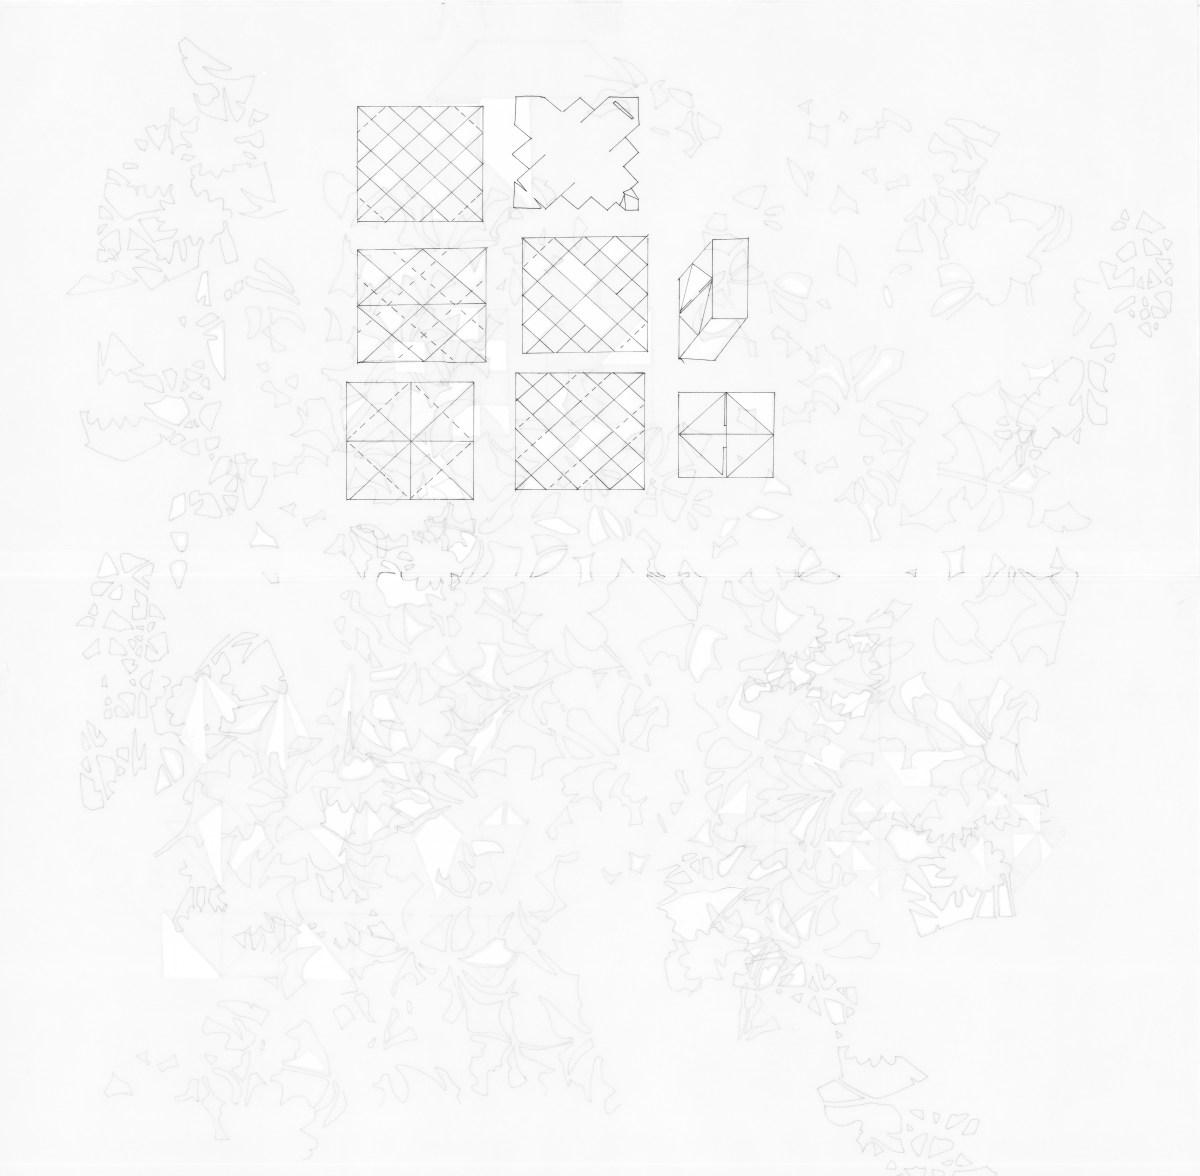 Dibujo de la artista Maria Campiglia, Sobre el tacto II. Vista del frente